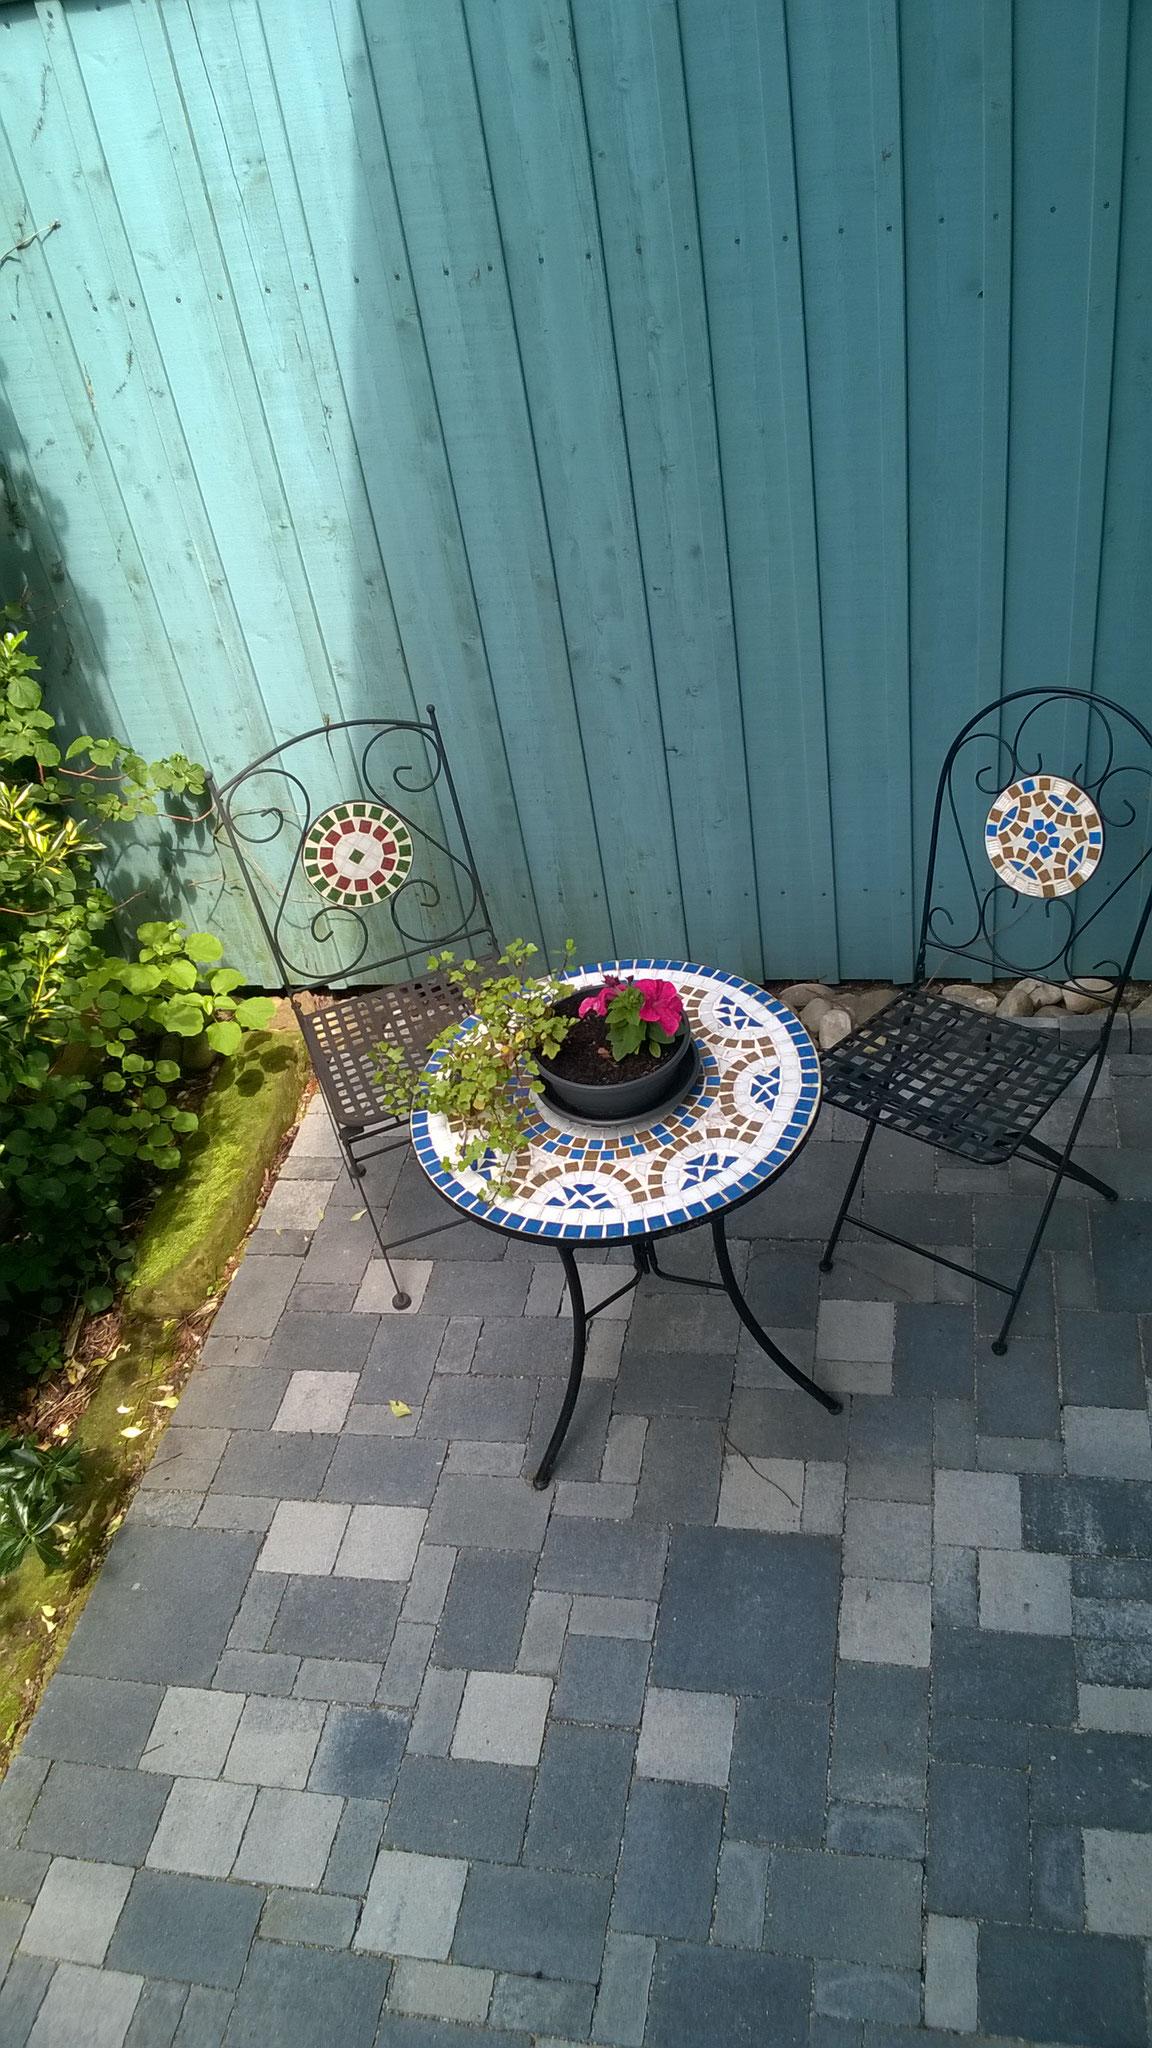 gemütliche Terrasse/ cozy terrace